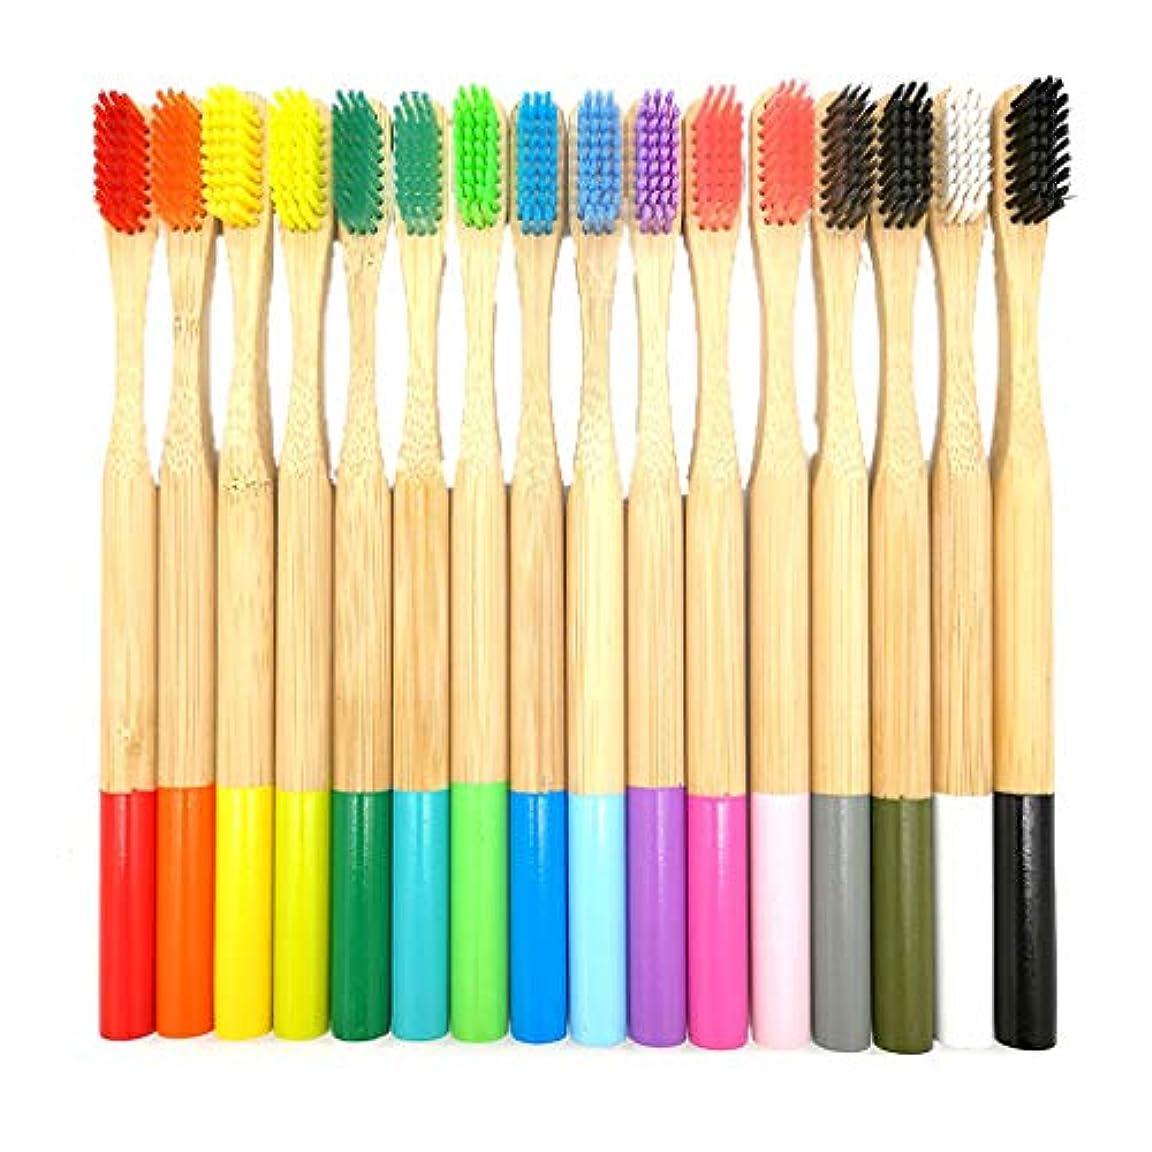 目指す初心者傑作Lazayyii 成人 竹製の歯ブラシ オーラルケア 竹繊維 やわらかい歯ブラシ 人気16本 (マルチカラー)